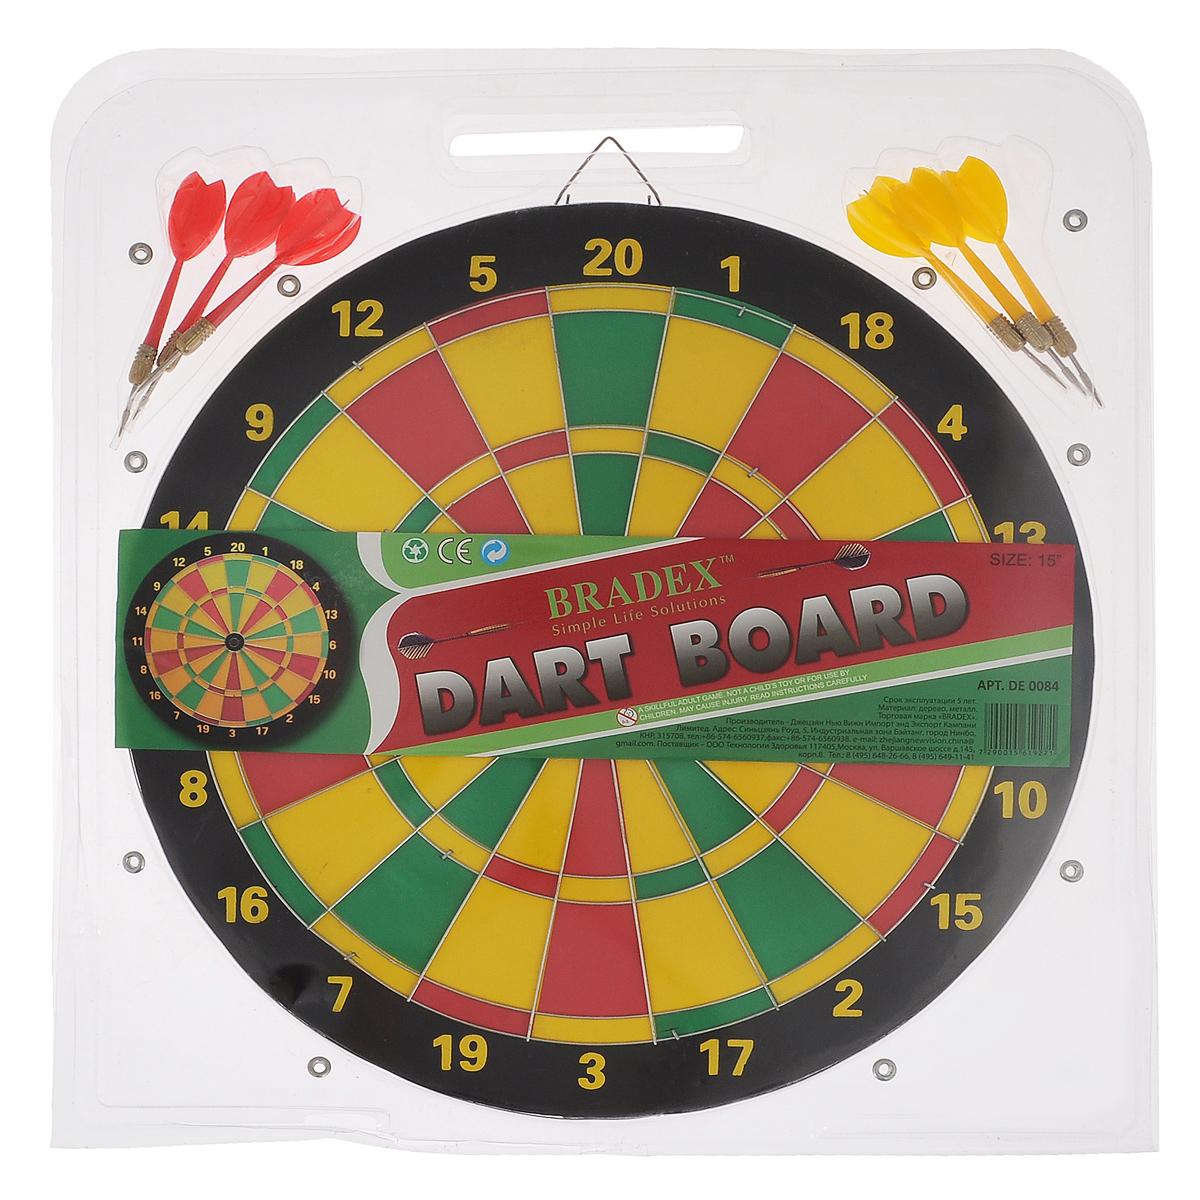 Дартс Bradex, 6 дротиков, диаметр 36 смDE 0084Дартс Bradex состоит из мишени и шести дротиков. Мишень двусторонняя: одна разделена на цветные поля, другая - на чередующиеся черные и желтые круги сужающегося диаметра. За попадание в определенные поля начисляется различное количество очков. Дартс можно повесить на стену или в любое другое место. Дартс - универсальное развлечение для детей и взрослых. Игра в дартс - это состязание в умении точно метать дротики, которого при желании можно достичь в относительно короткий срок. Играть в дартс можно как под открытым небом, так и в закрытом помещении (в спортивном зале, в кафе, в обычной квартире). Дартс не требует специальной спортивной формы, а инвентарь для игры прост и долговечен. Для играющих в дартс не существует языковых и возрастных барьеров, соревноваться могут и взрослые, и дети. Дартс доступен всем, он гуманен и демократичен. Дартс - на редкость увлекательная и зрелищная игра. Это прекрасное средство для проведения досуга и поднятия настроения. Это - игра...